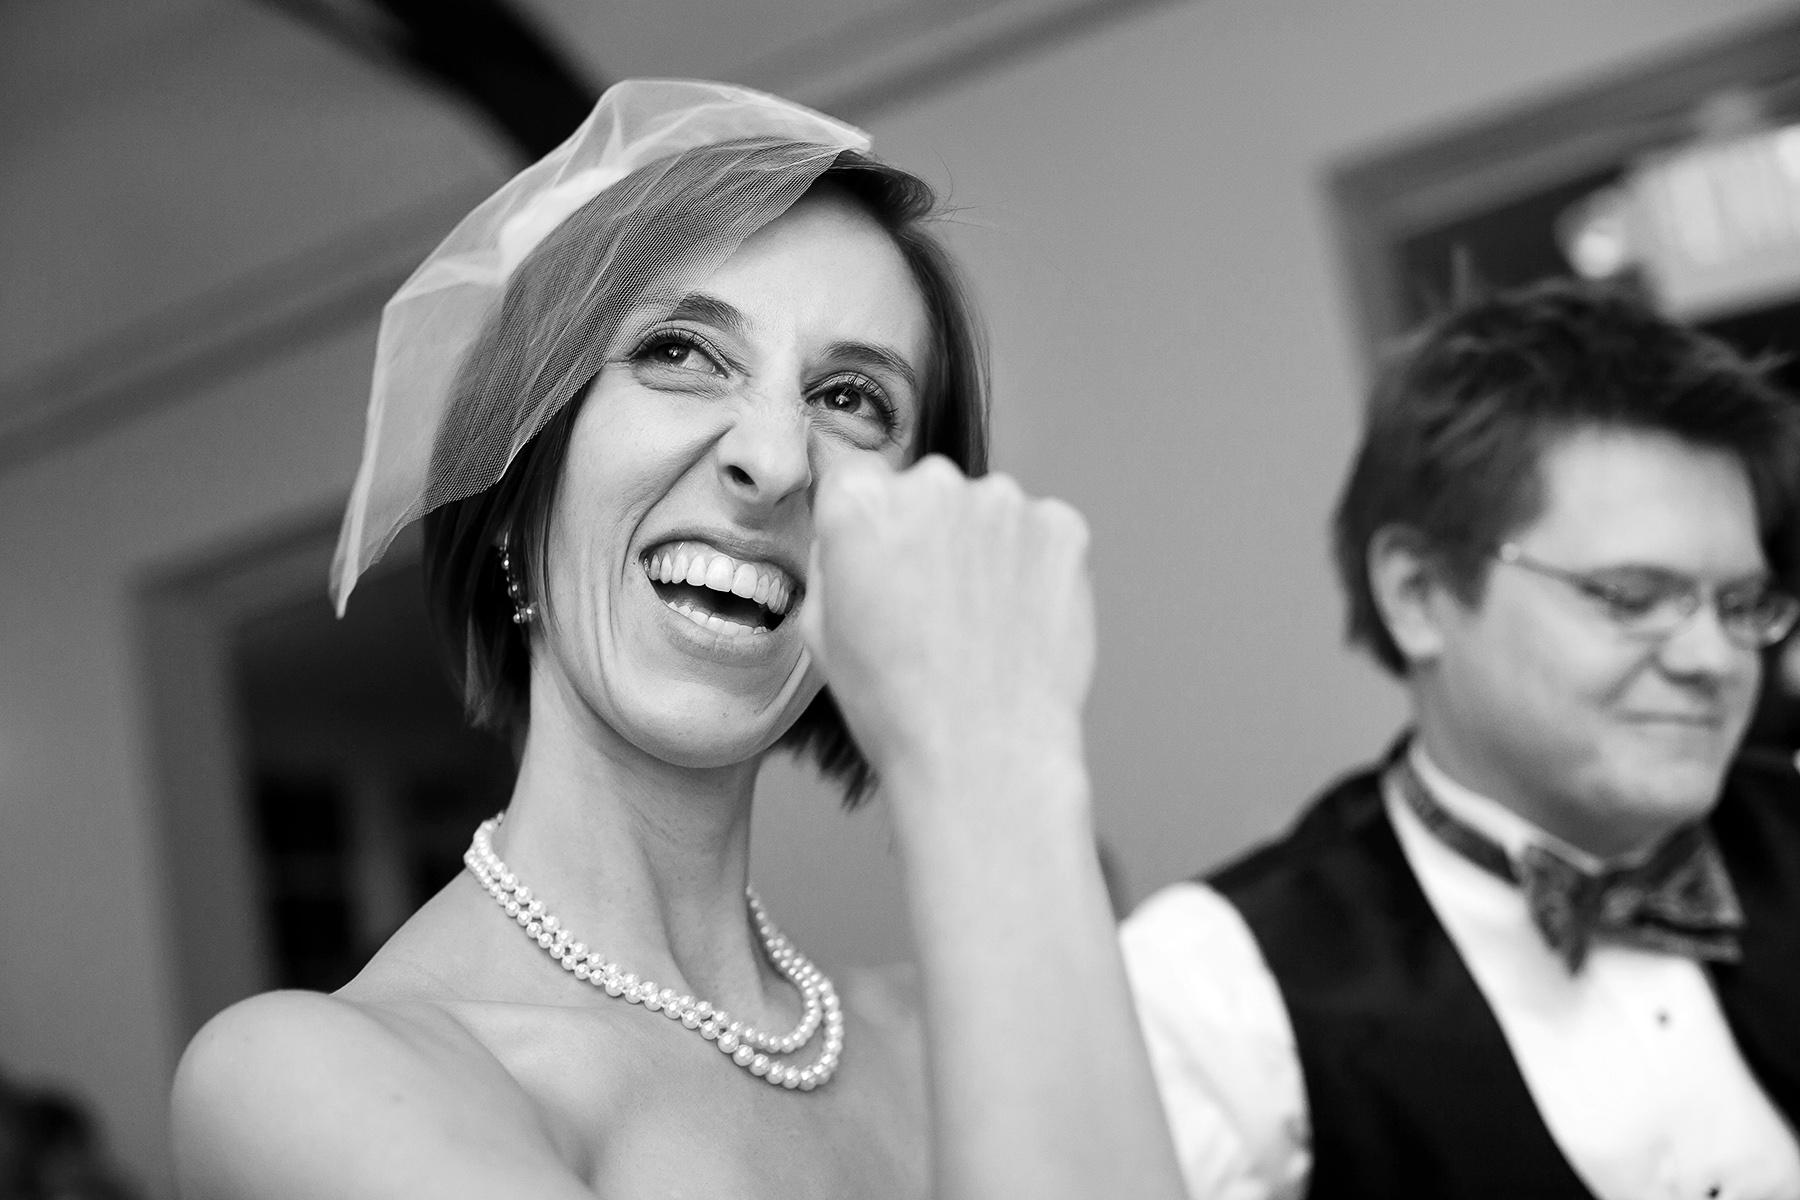 Huwelijksfotografie in The Solarium in Decatur | De bruid reageert op een toast